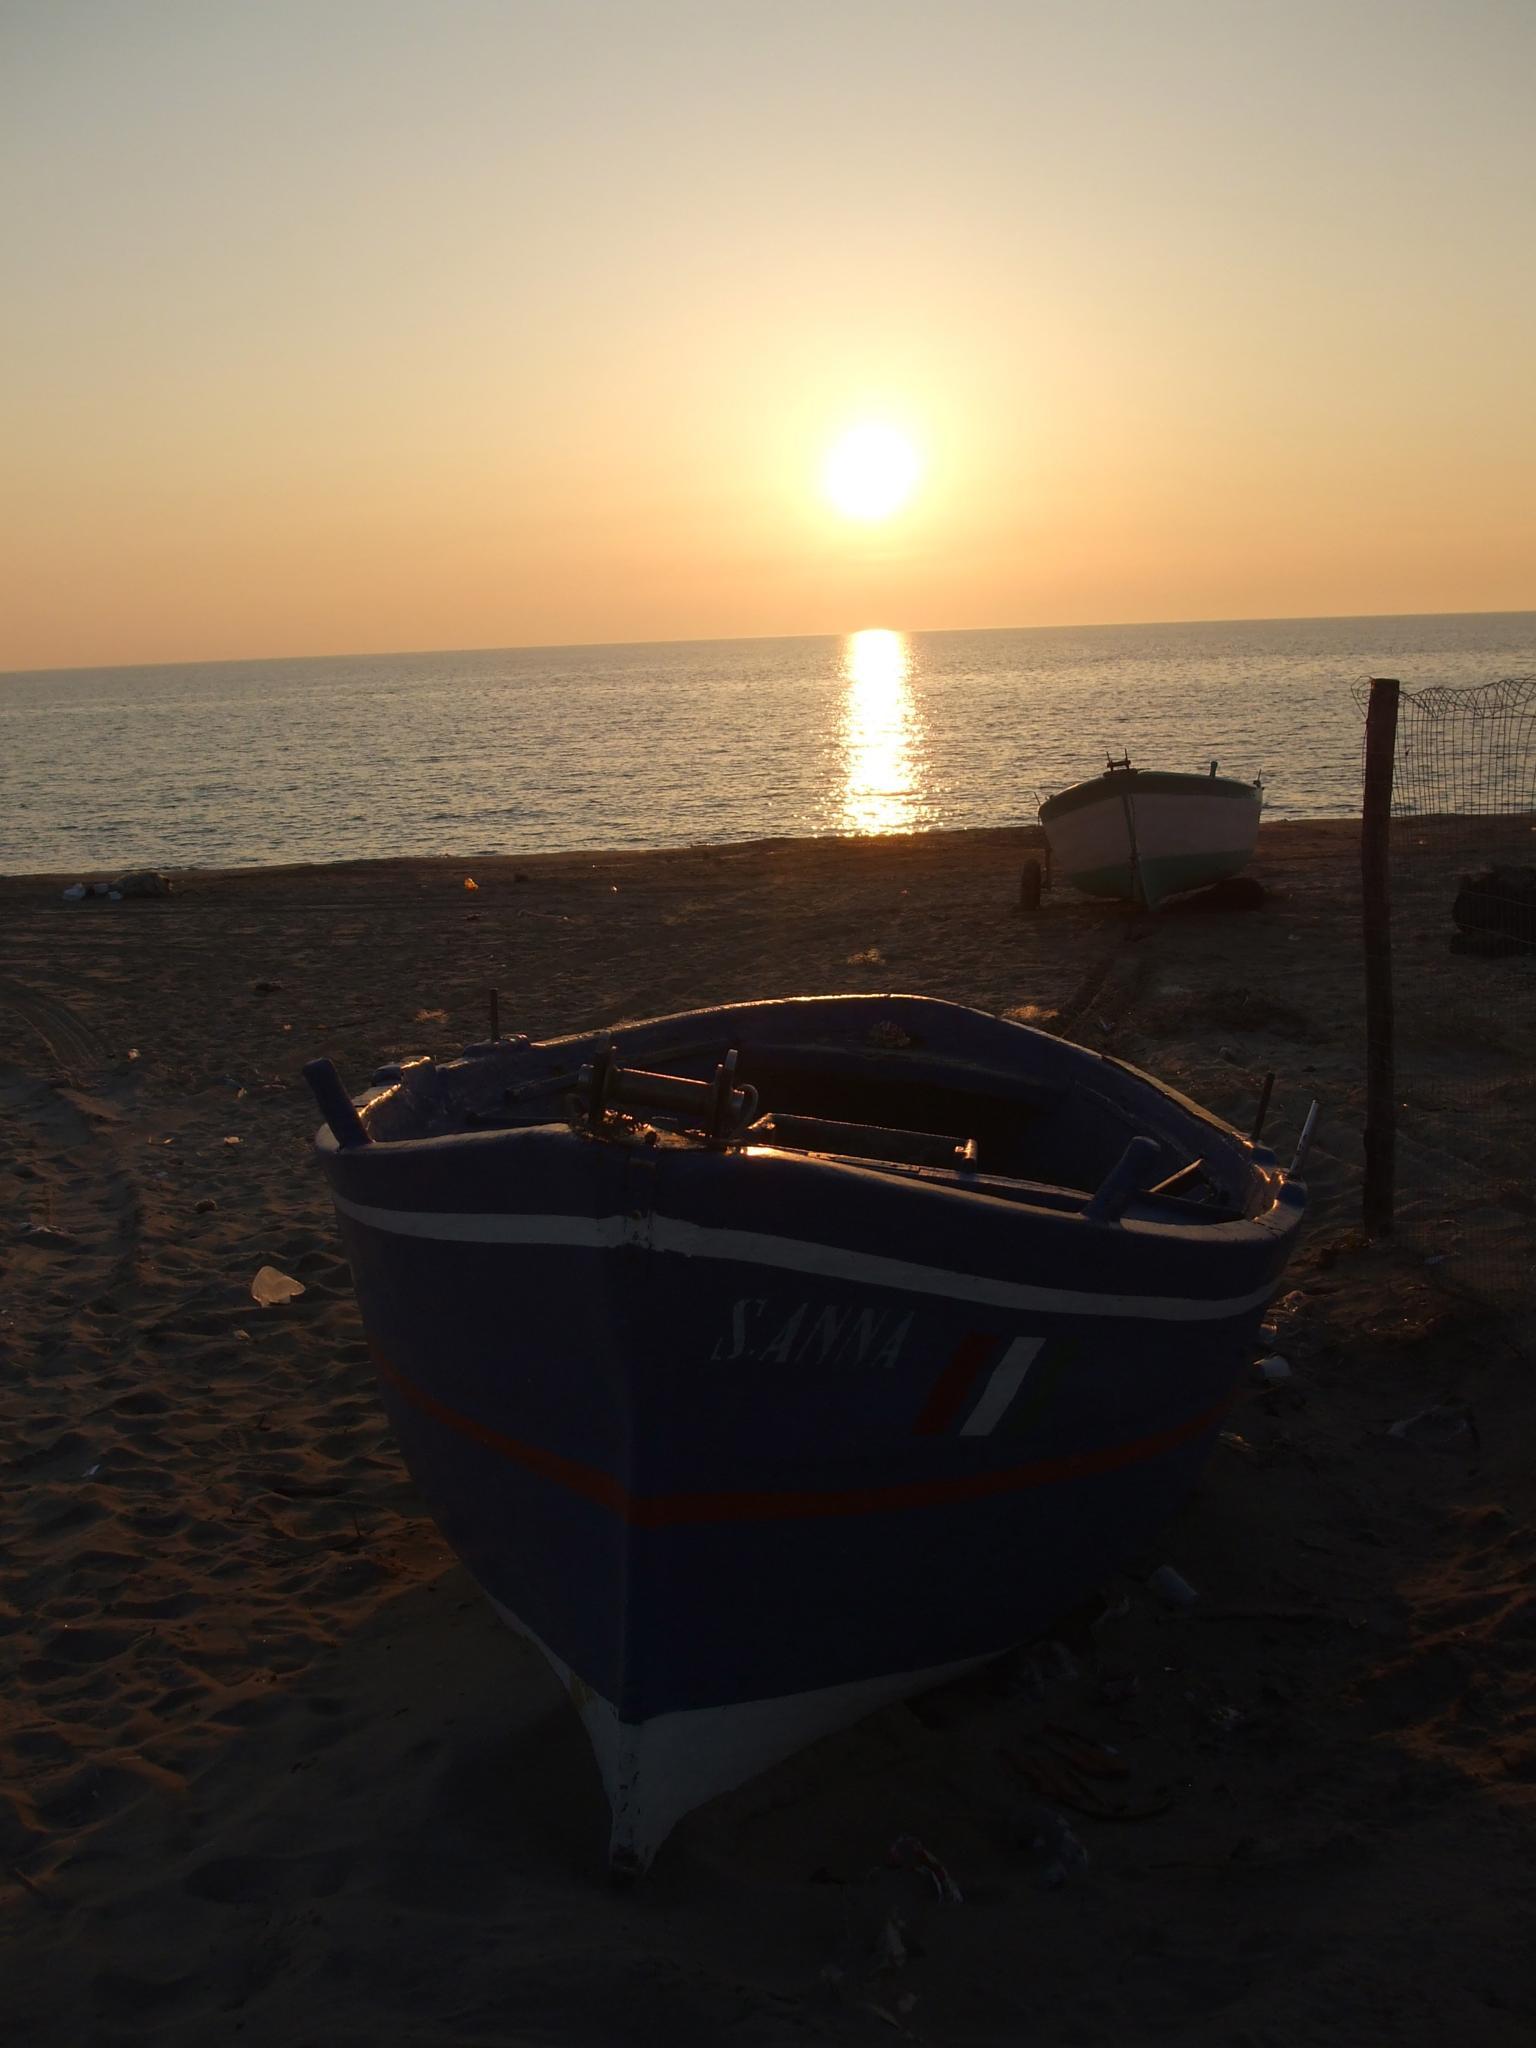 ... al tramonto! by Salvatore Bertolino